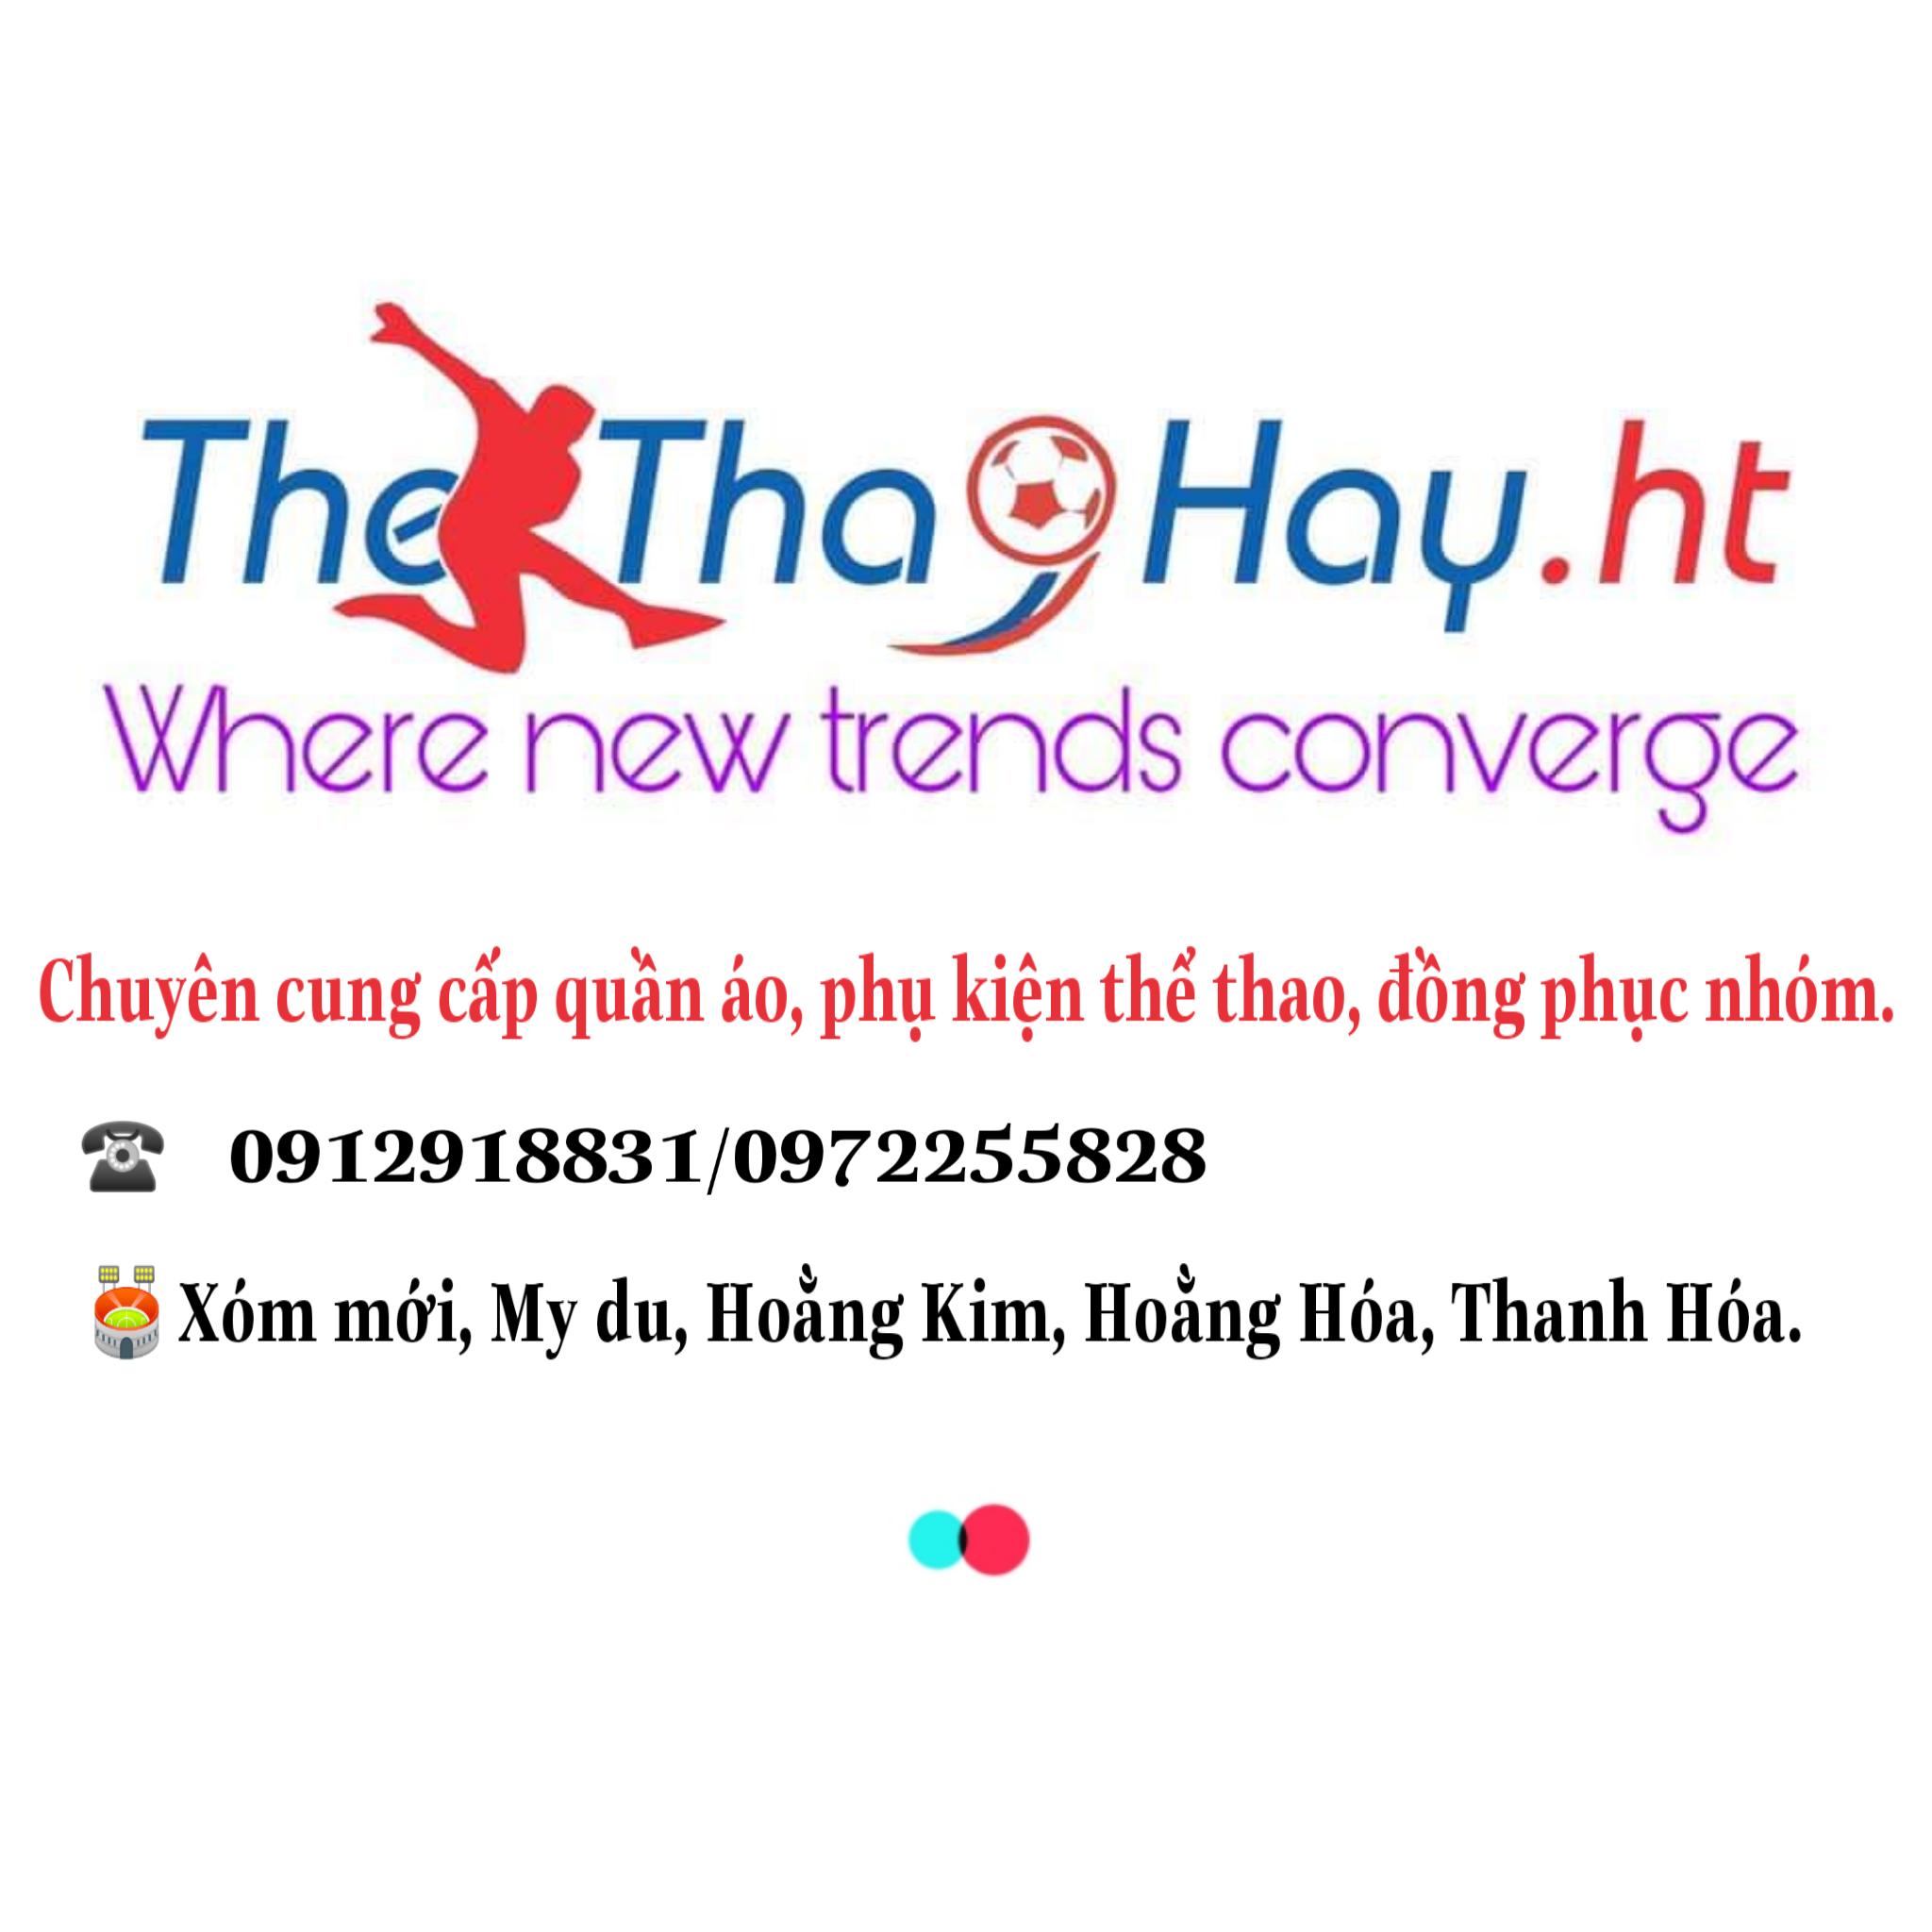 Thethaohay.ht